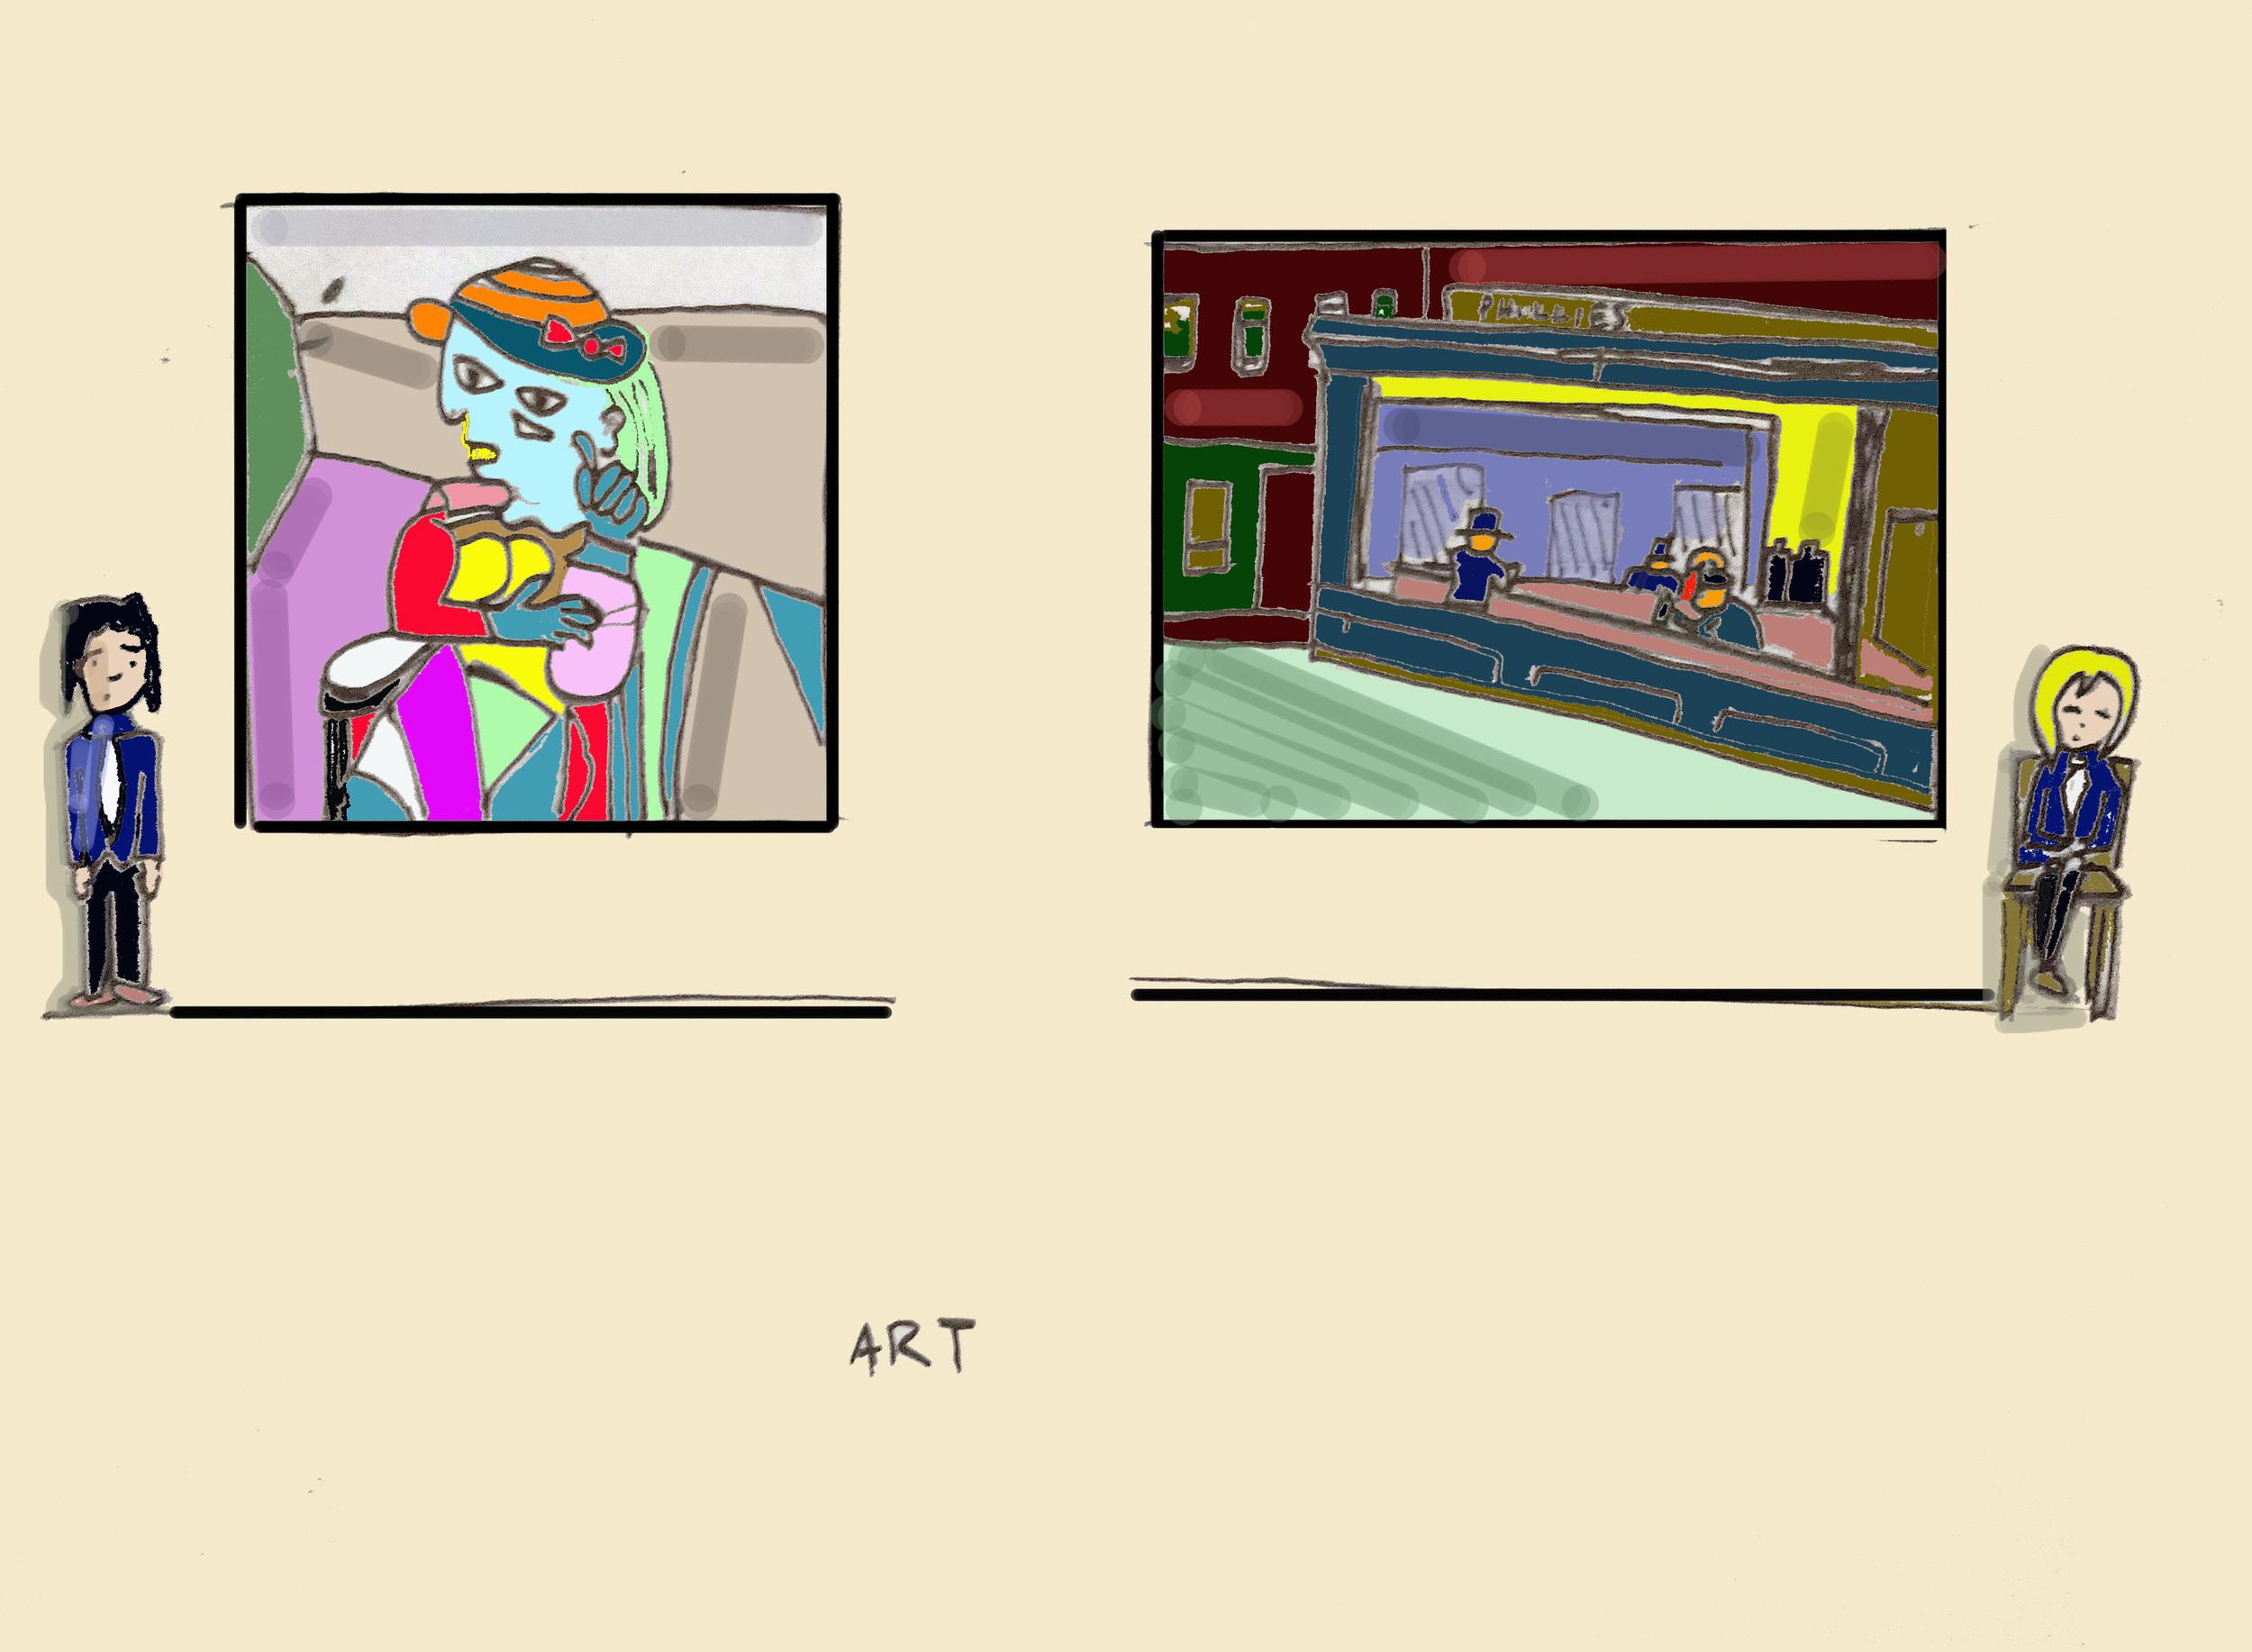 art - spain v usa 2.jpg